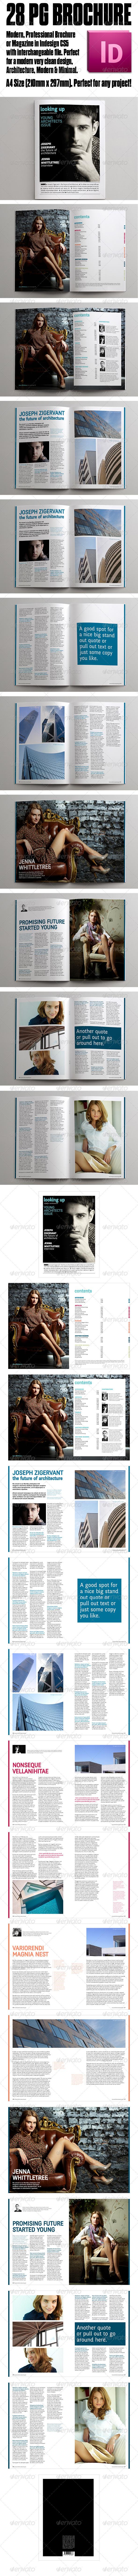 GraphicRiver Modern Minimal Architecture Brochure Magazine 4481423